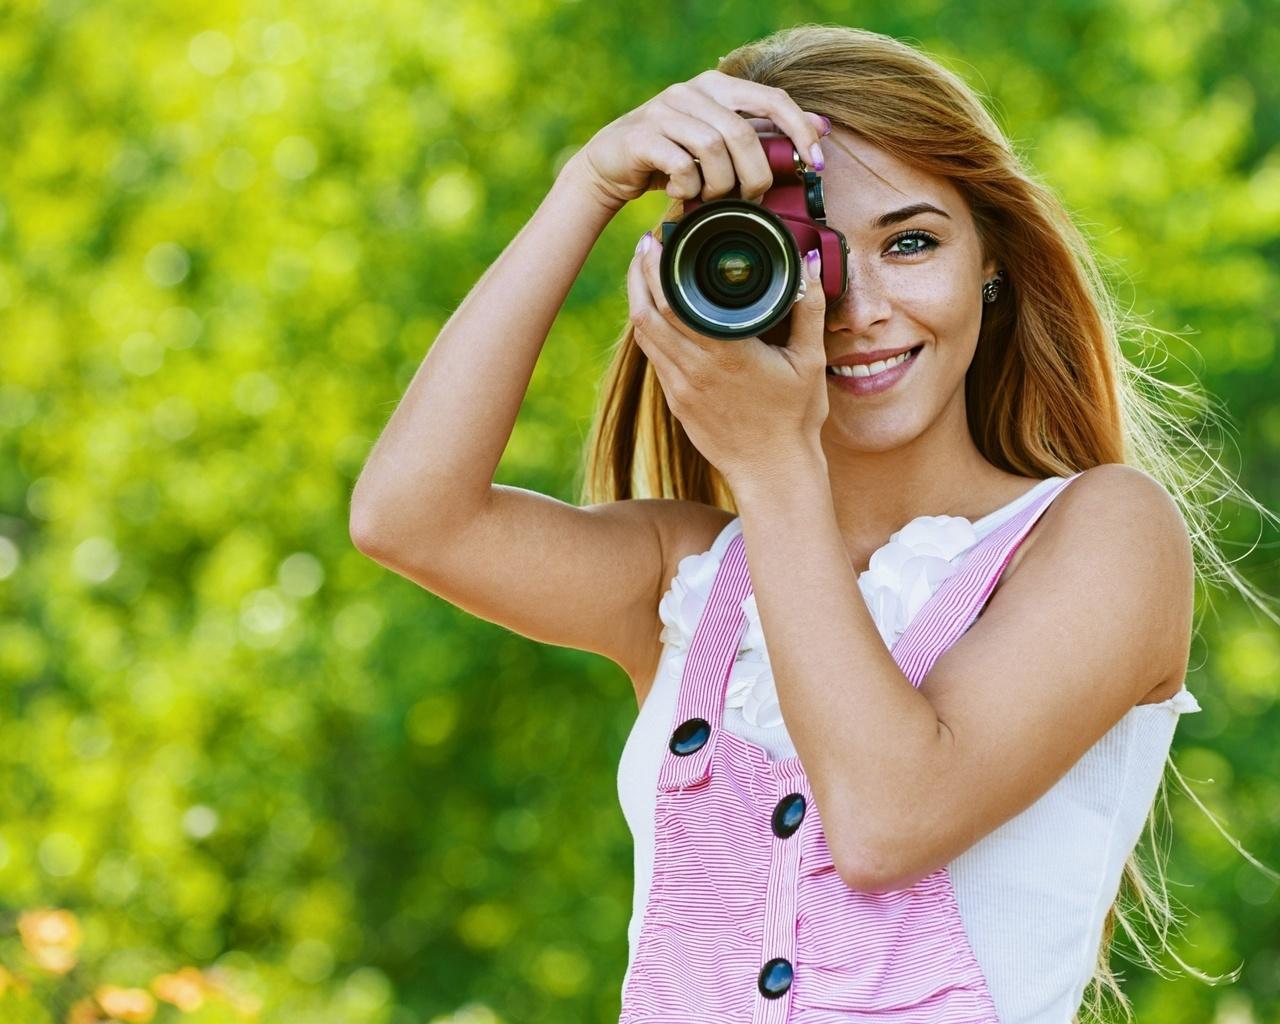 Девушка фотограф картинки